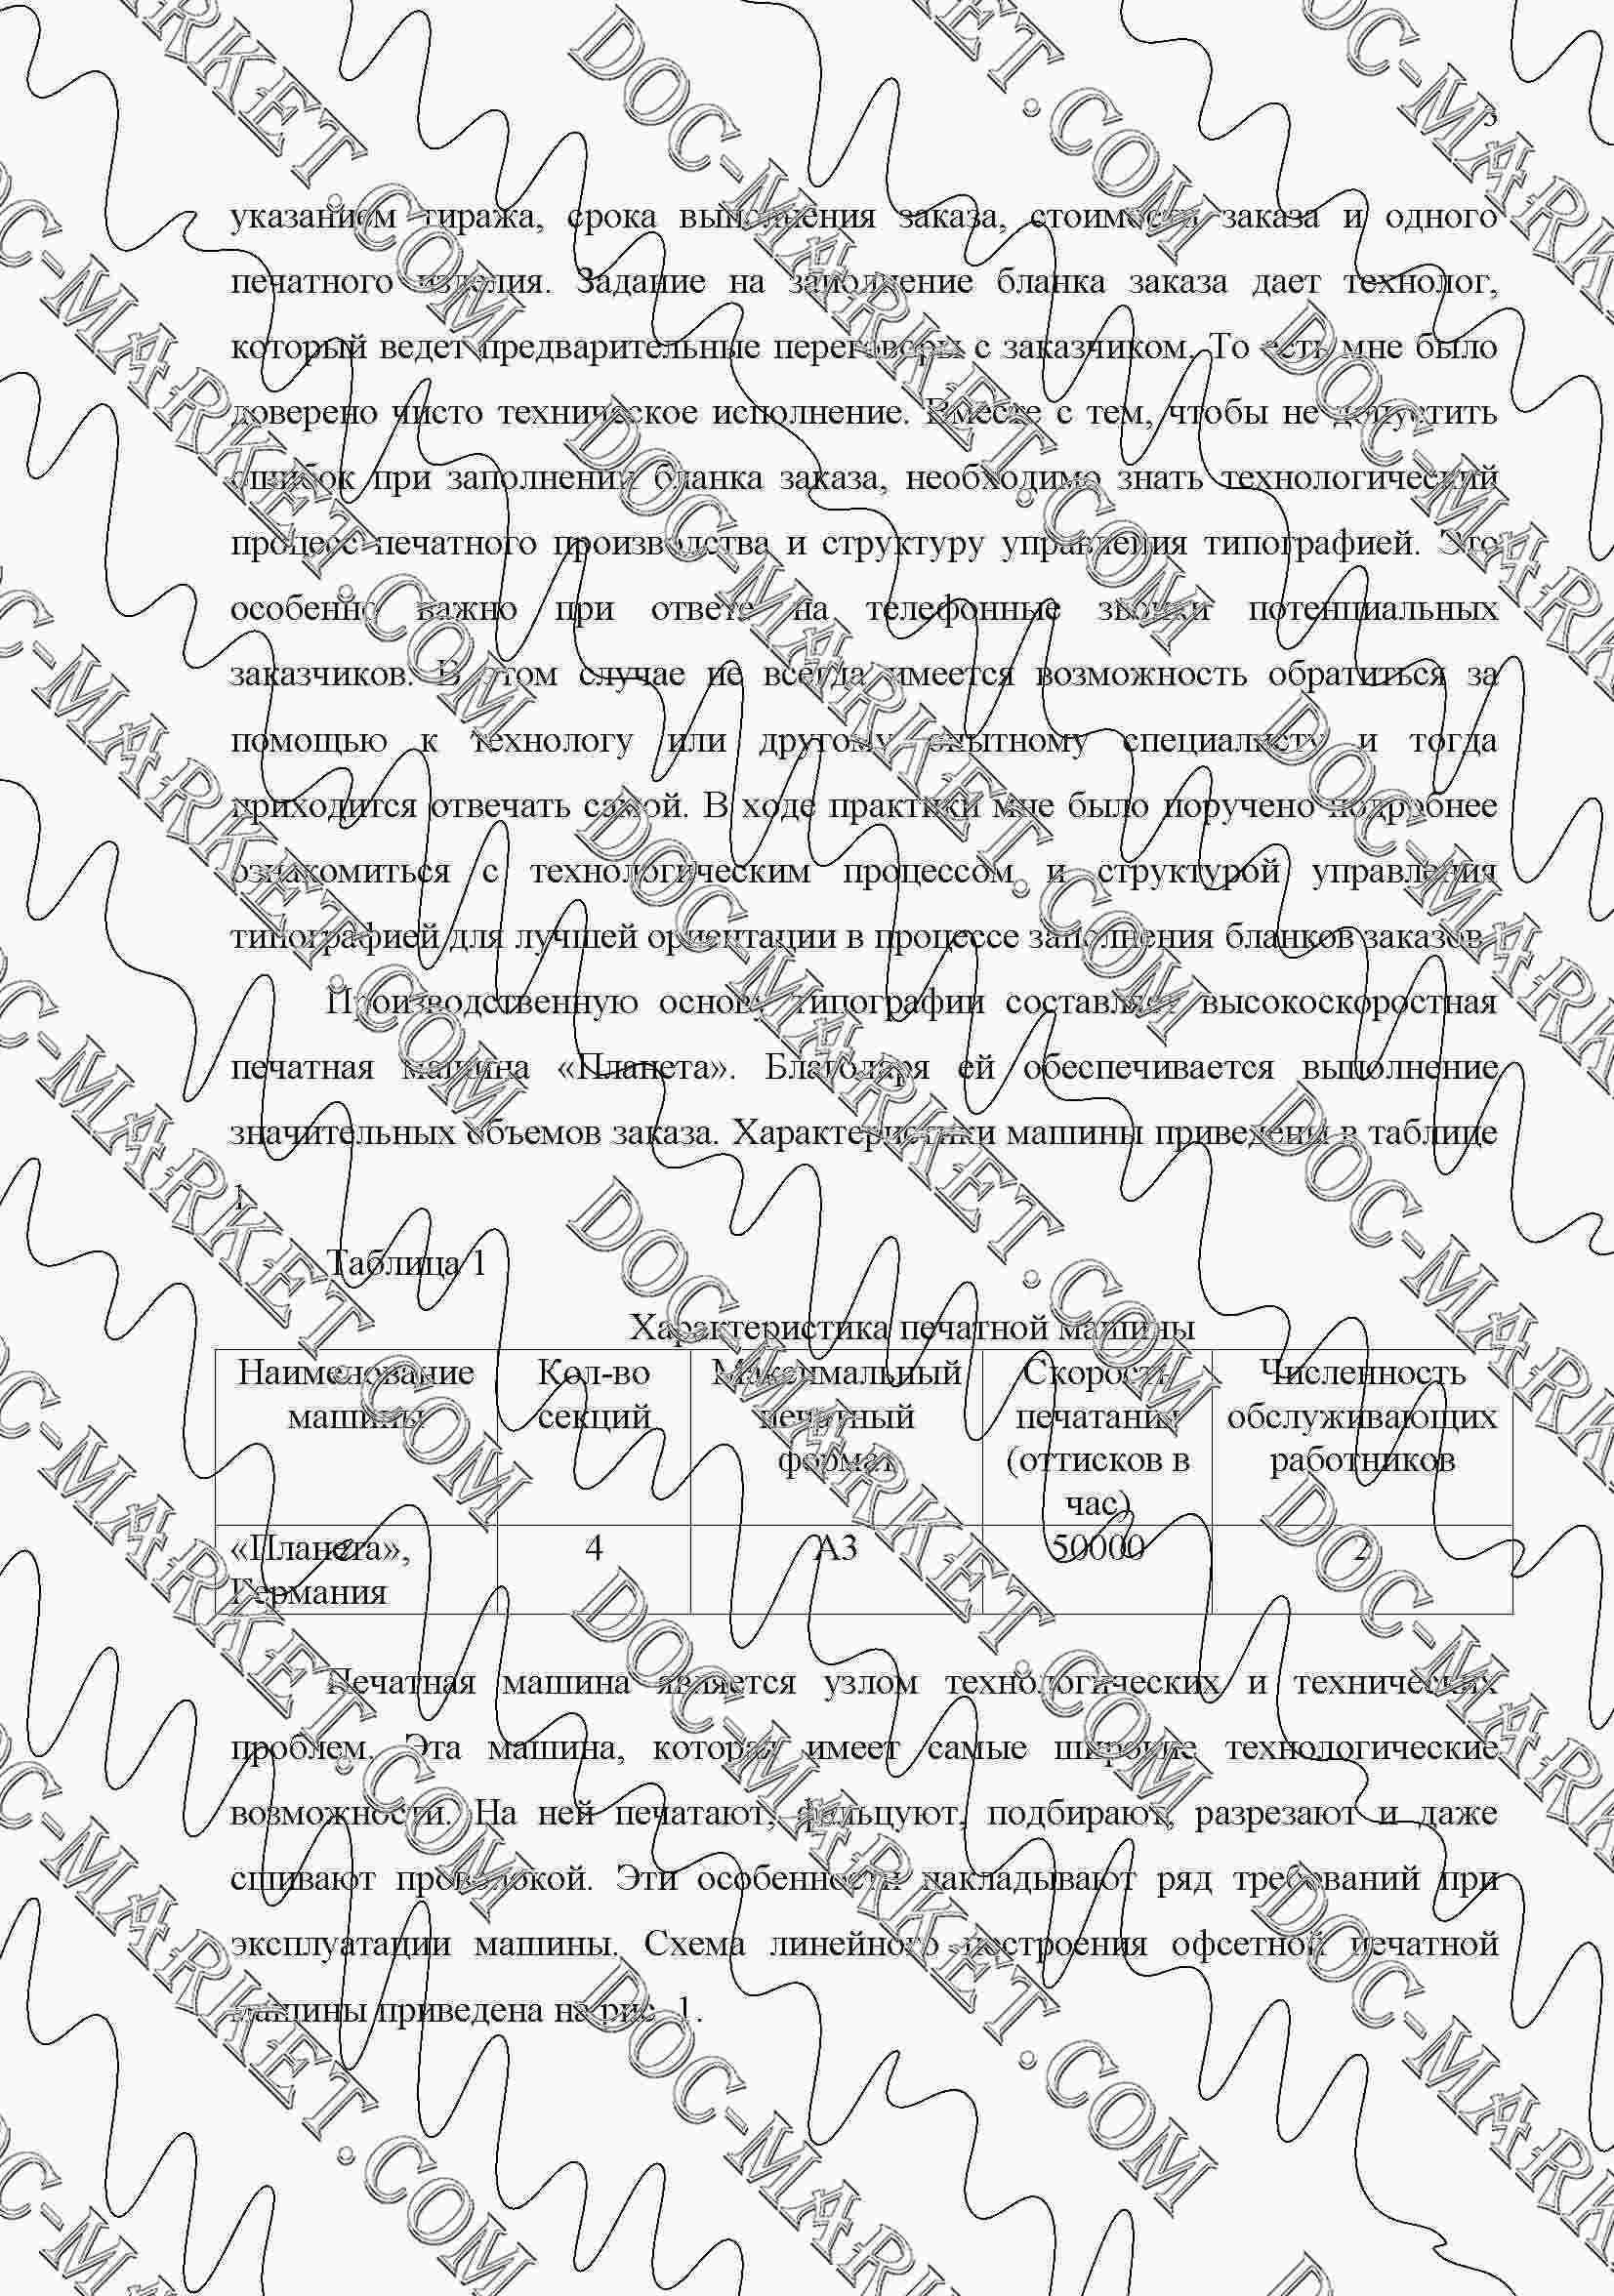 Другая отчет о практике в типографии посмотреть по предмету  практика на типографии